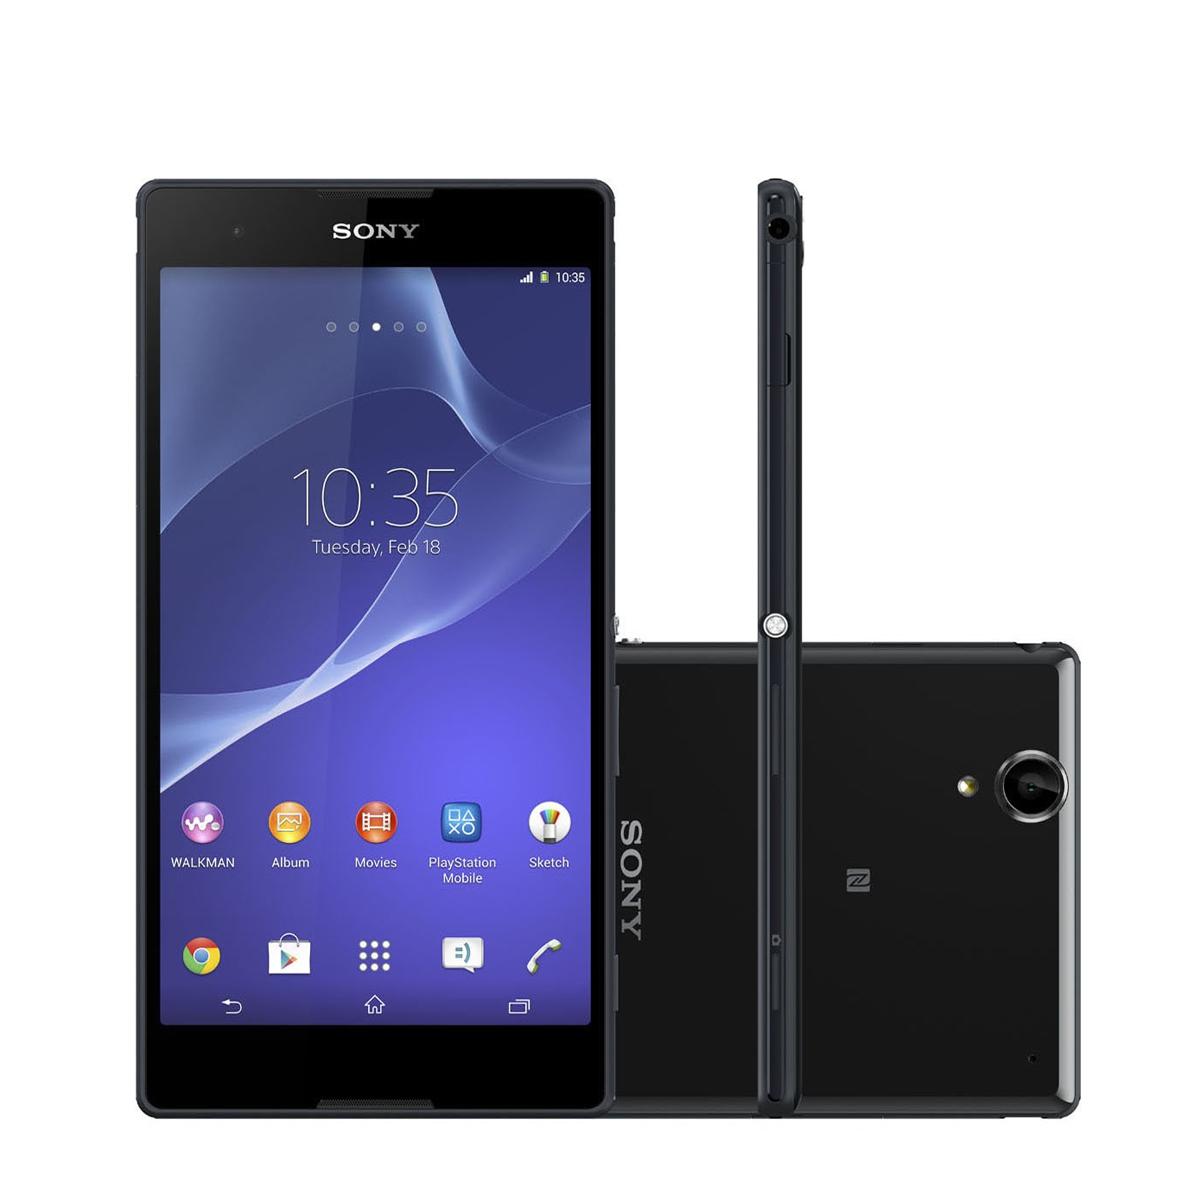 Celular Sony XPERIA T2 Ultra Dual - 8 GB, 3G, Android 4.4, Câmera de 12.1 MP, Zoom Digital 16x, NFC, GPS, Dual Chip, Quad Core 1.4Ghz - Desbloqueado ANATEL